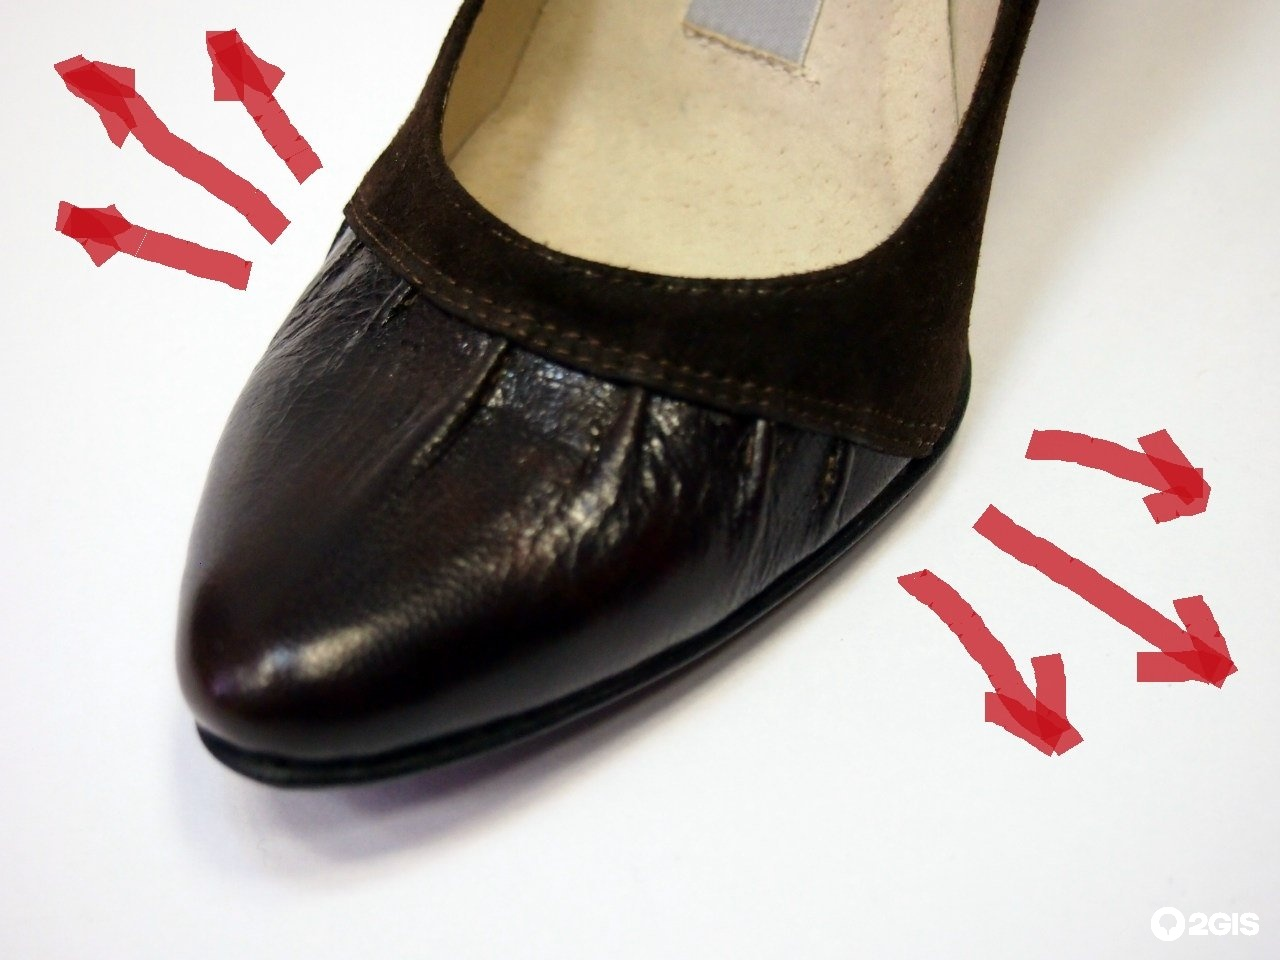 Как сделать колодку для обуви по своей ноге